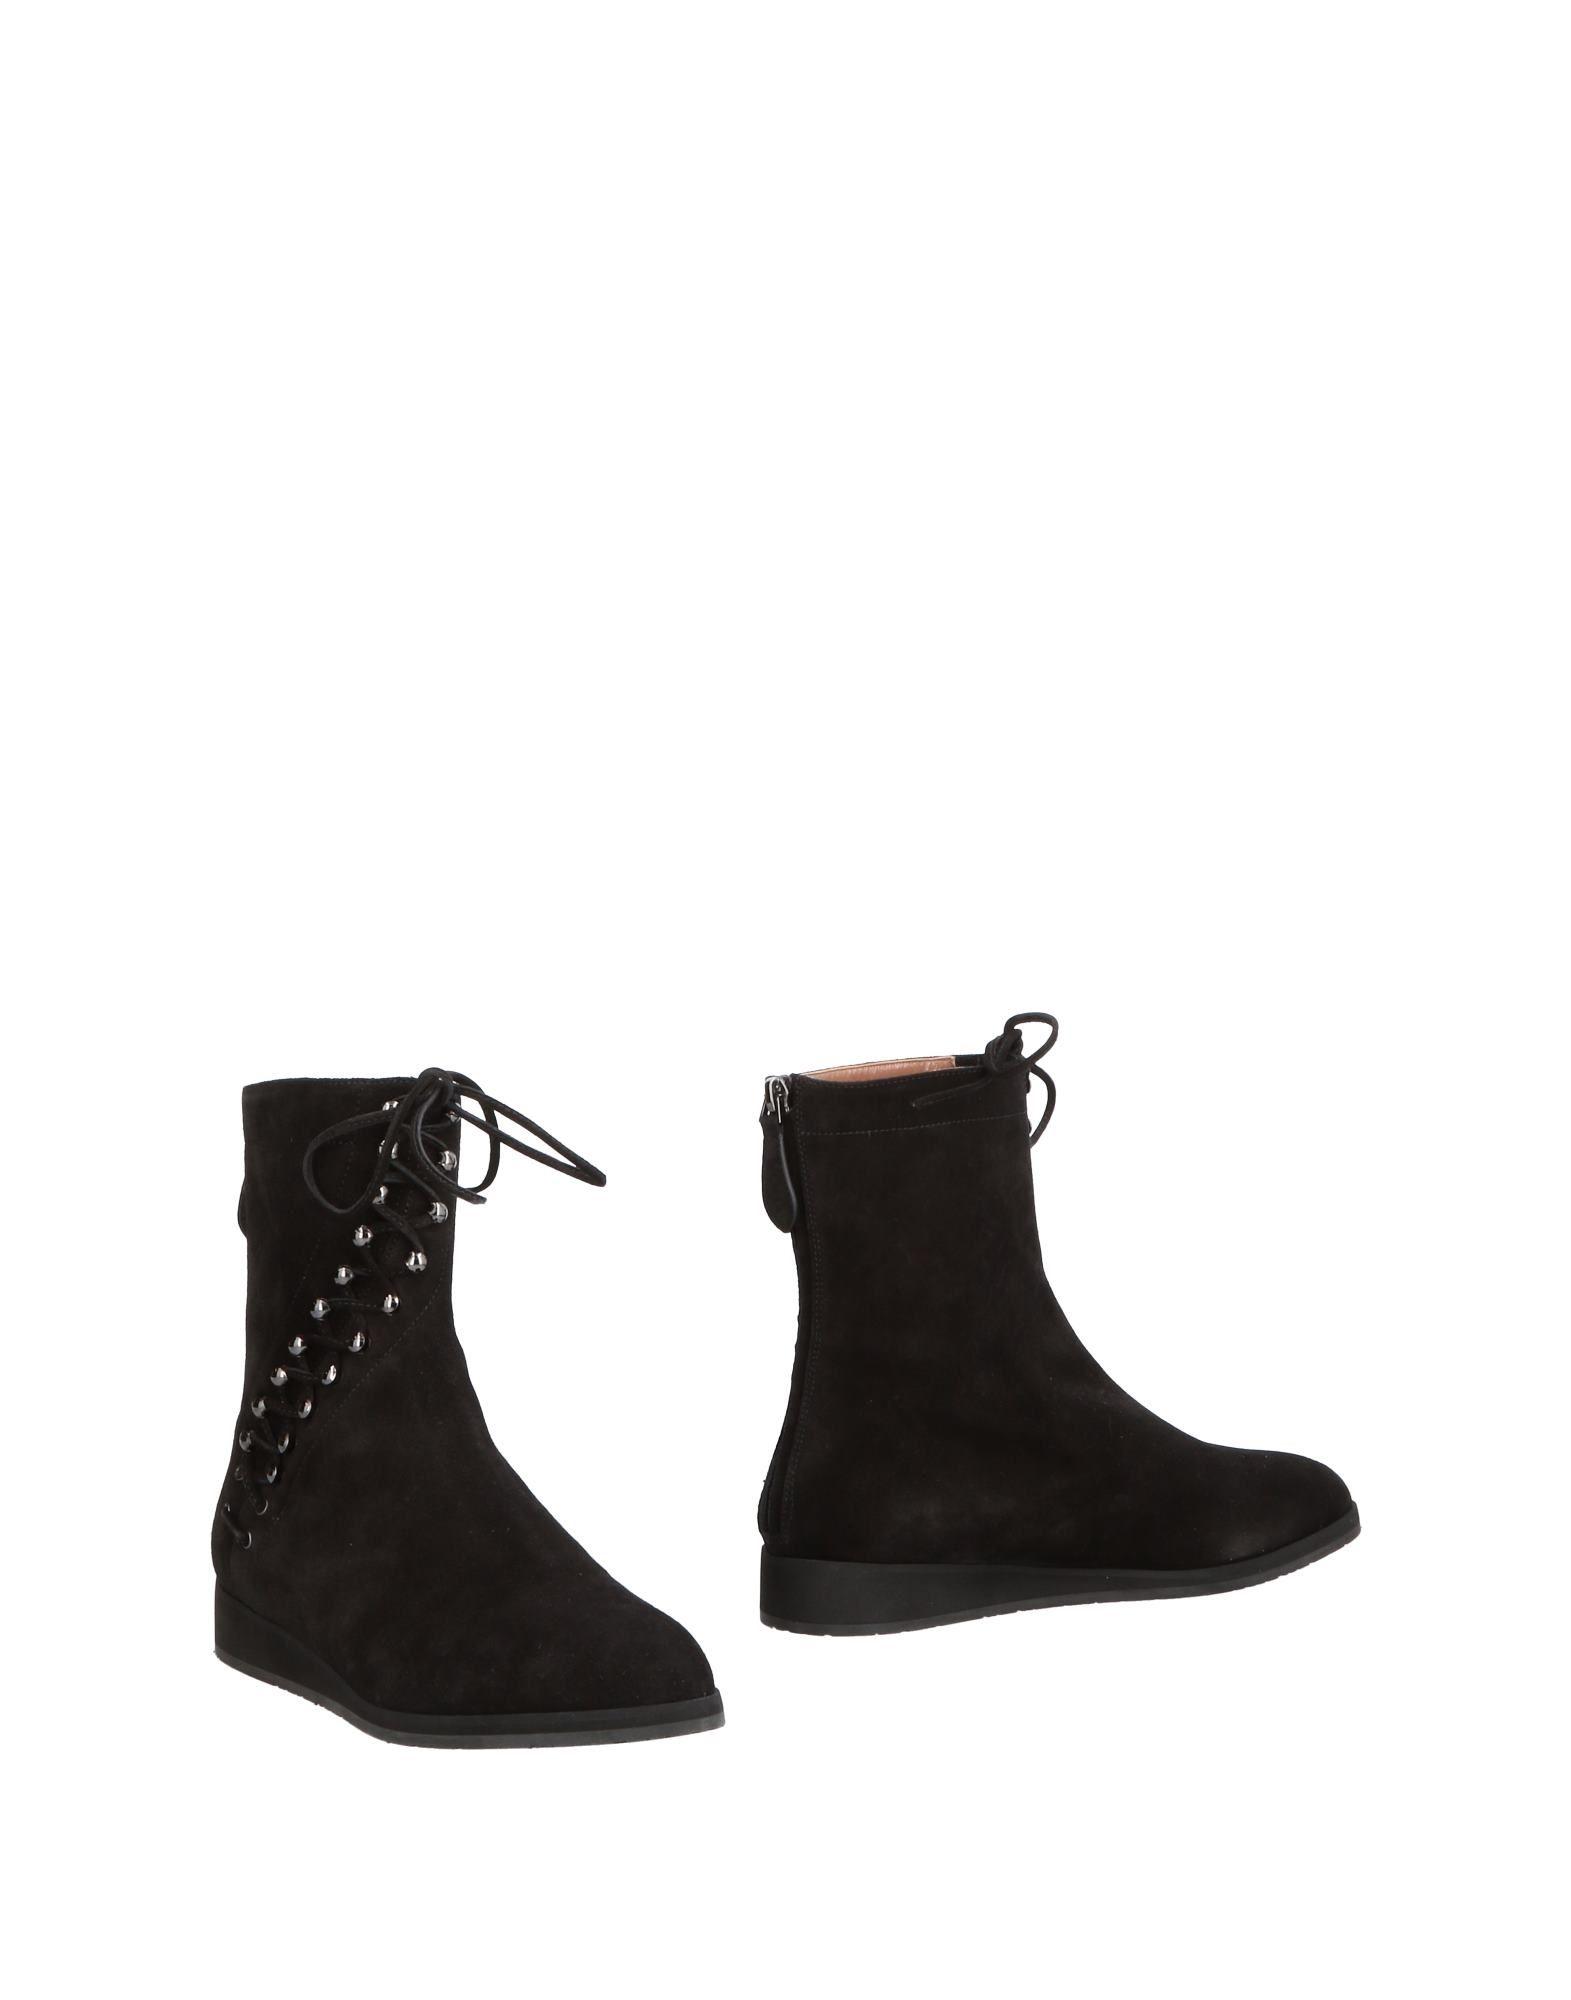 ALAÏA Black Suede Lace-Up Ankle Boot